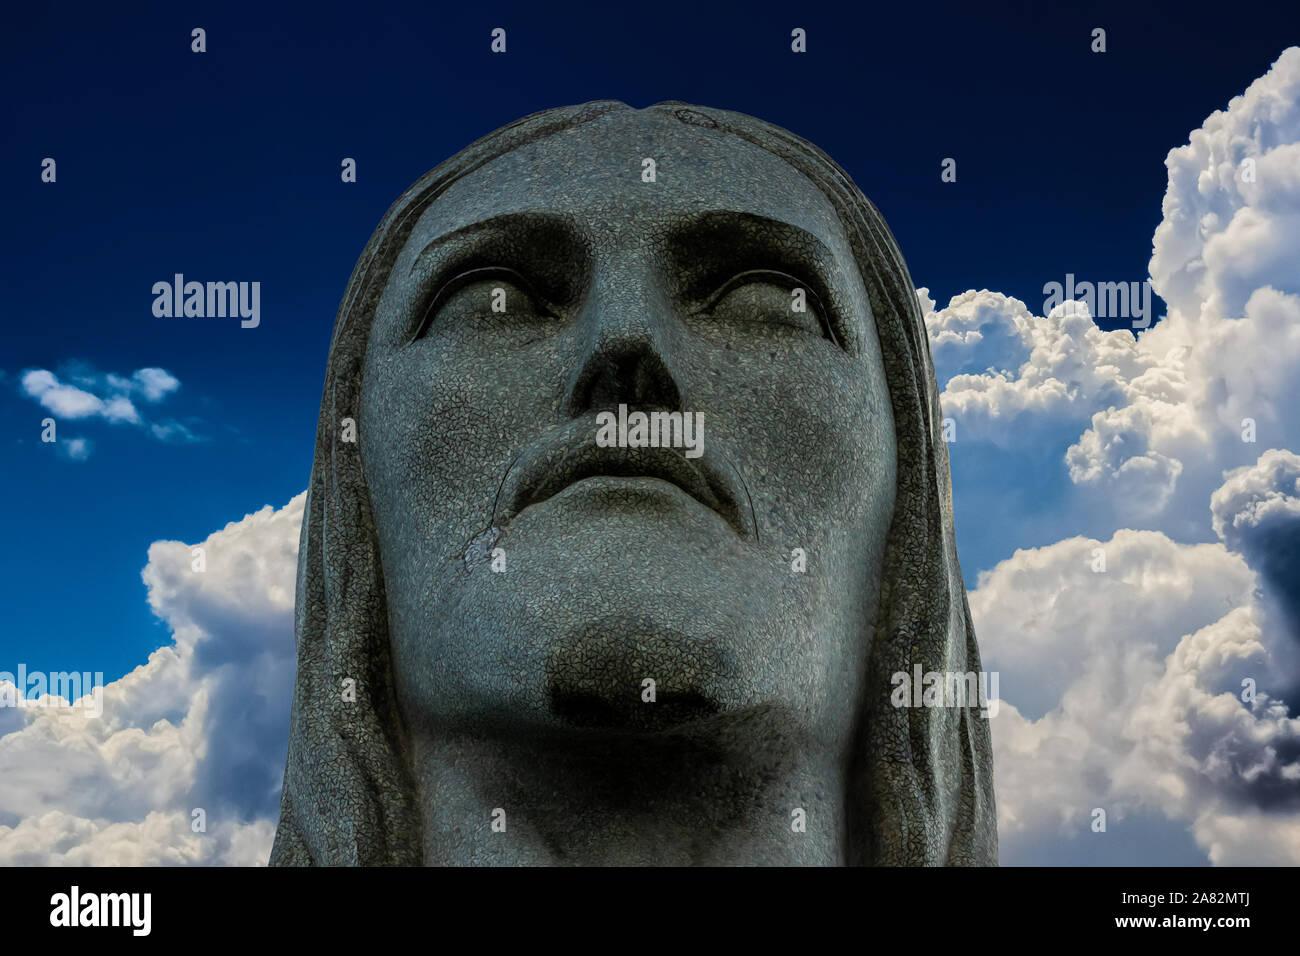 La estatua de Cristo Redentor en Río de Janeiro, el Cristo Redentor, la estatua de Jesús, estatuas de Brasil en América del Sur,las nuevas siete maravillas del mundo, Jesús Foto de stock